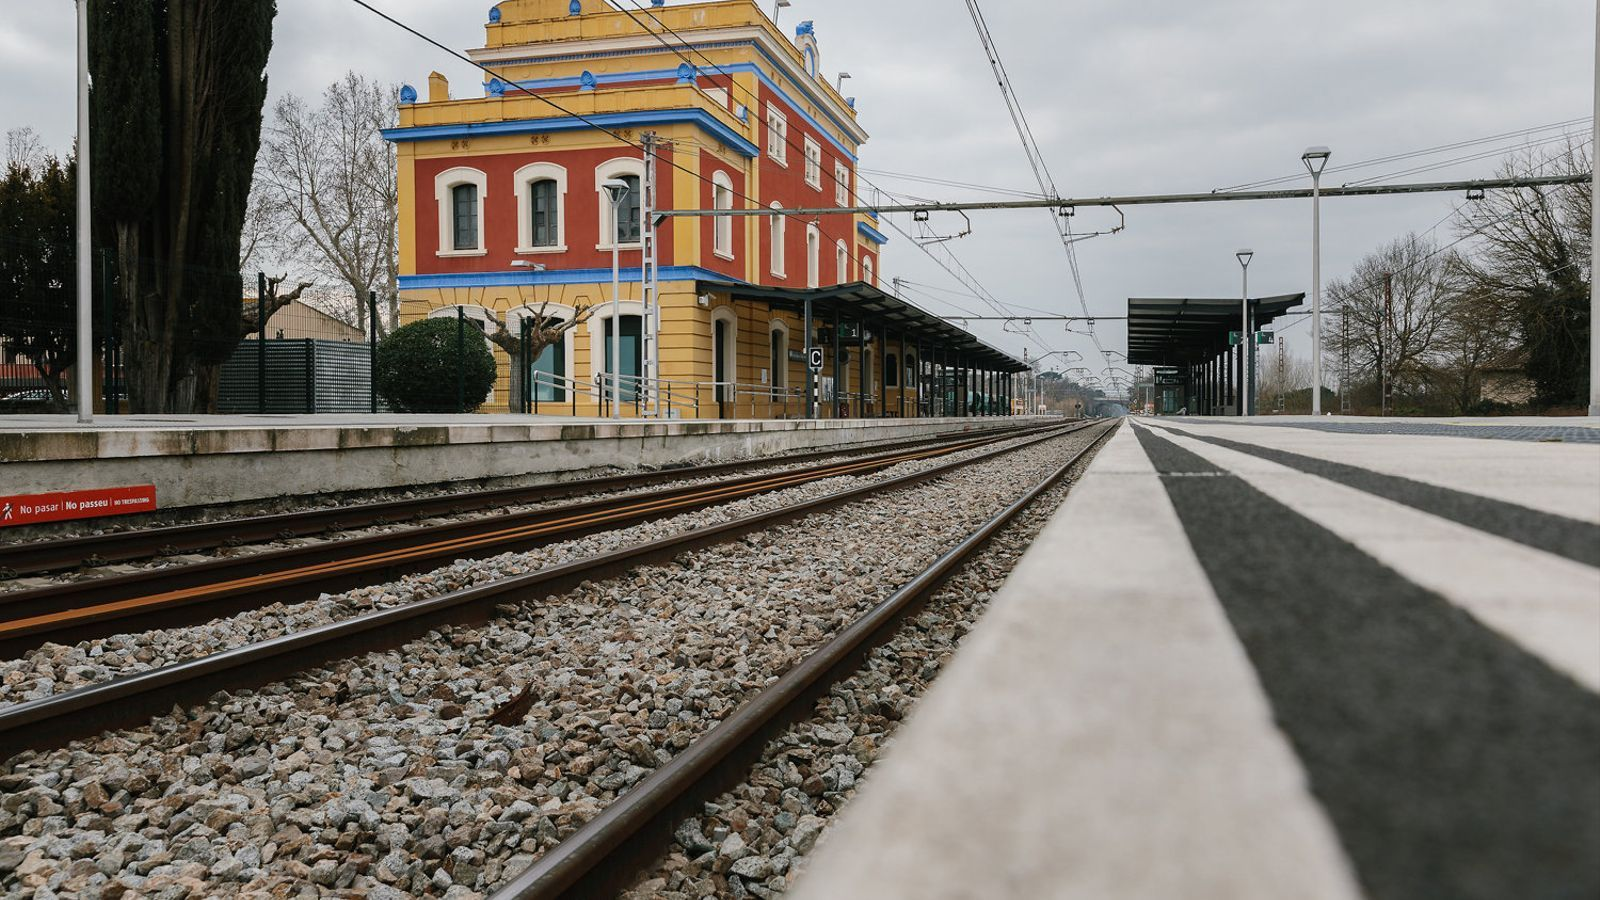 L'estació de tren, on van arribar el miler d'italians presoners, és un dels escenaris de l'última novel·la de Rafel Nadal.